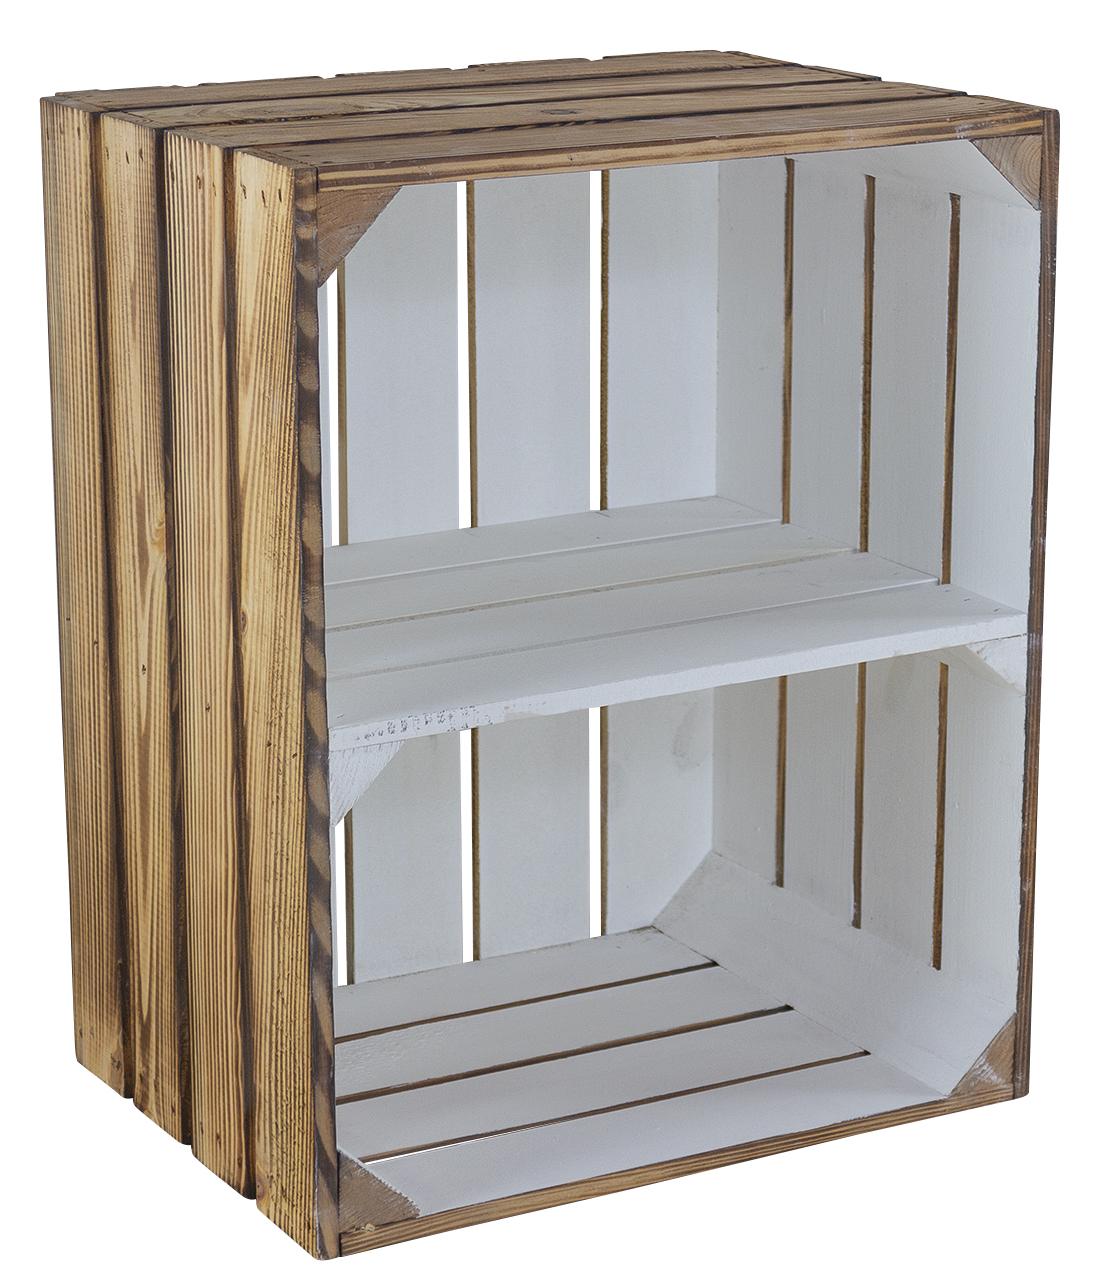 Full Size of Kisten Regal Badmöbel Aus Weinkisten Schmal Küchen Mit Türen Regale Keller Industrie Schlafzimmer Schreibtisch Obstkisten Badezimmer Cd Holz Hoch Holzregal Regal Kisten Regal